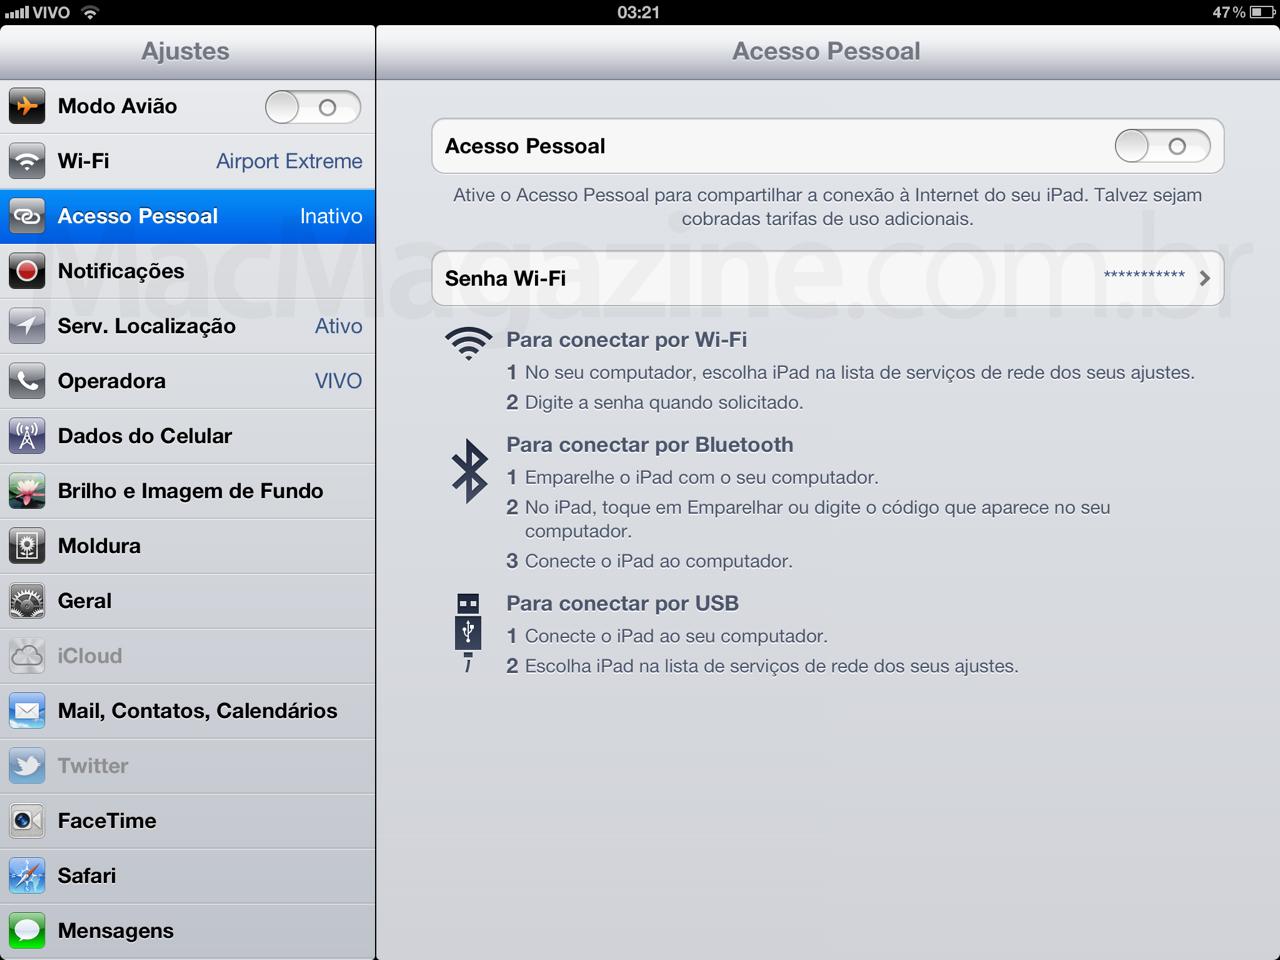 Acesso Pessoal no novo iPad, via Vivo